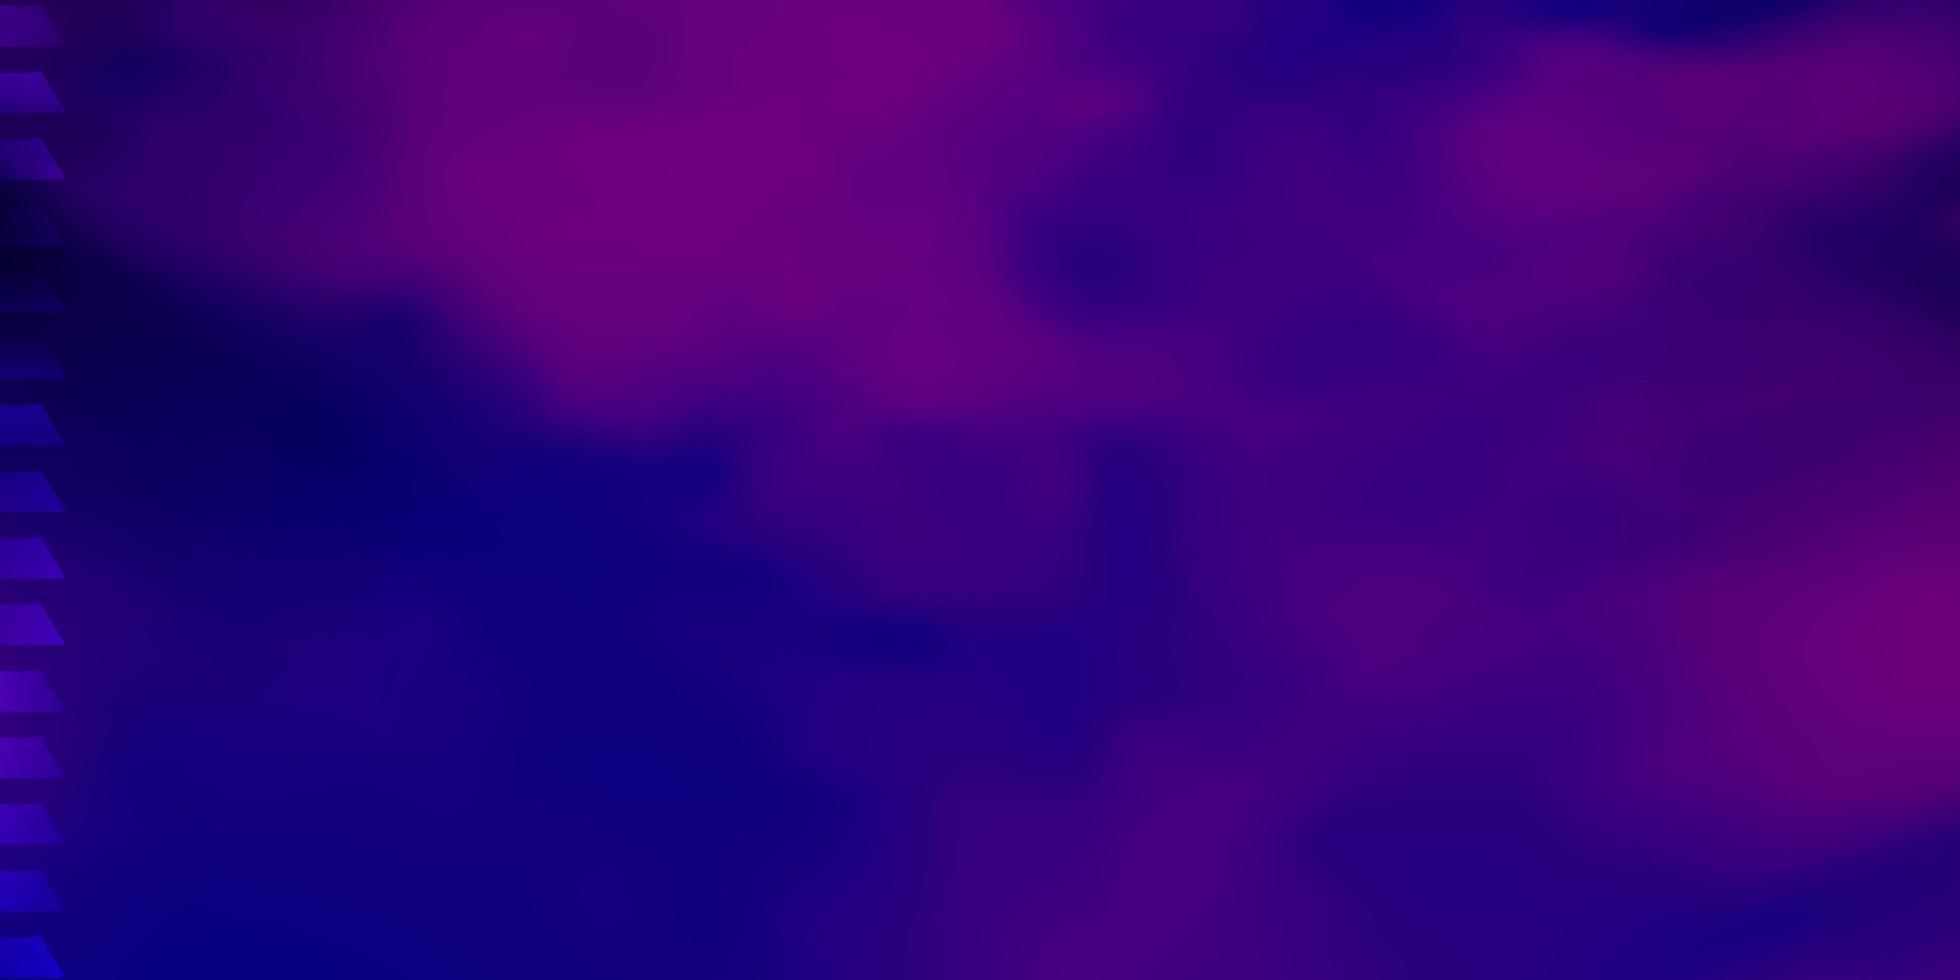 hellpurpurner, rosa Vektorhintergrund mit Rechtecken. vektor